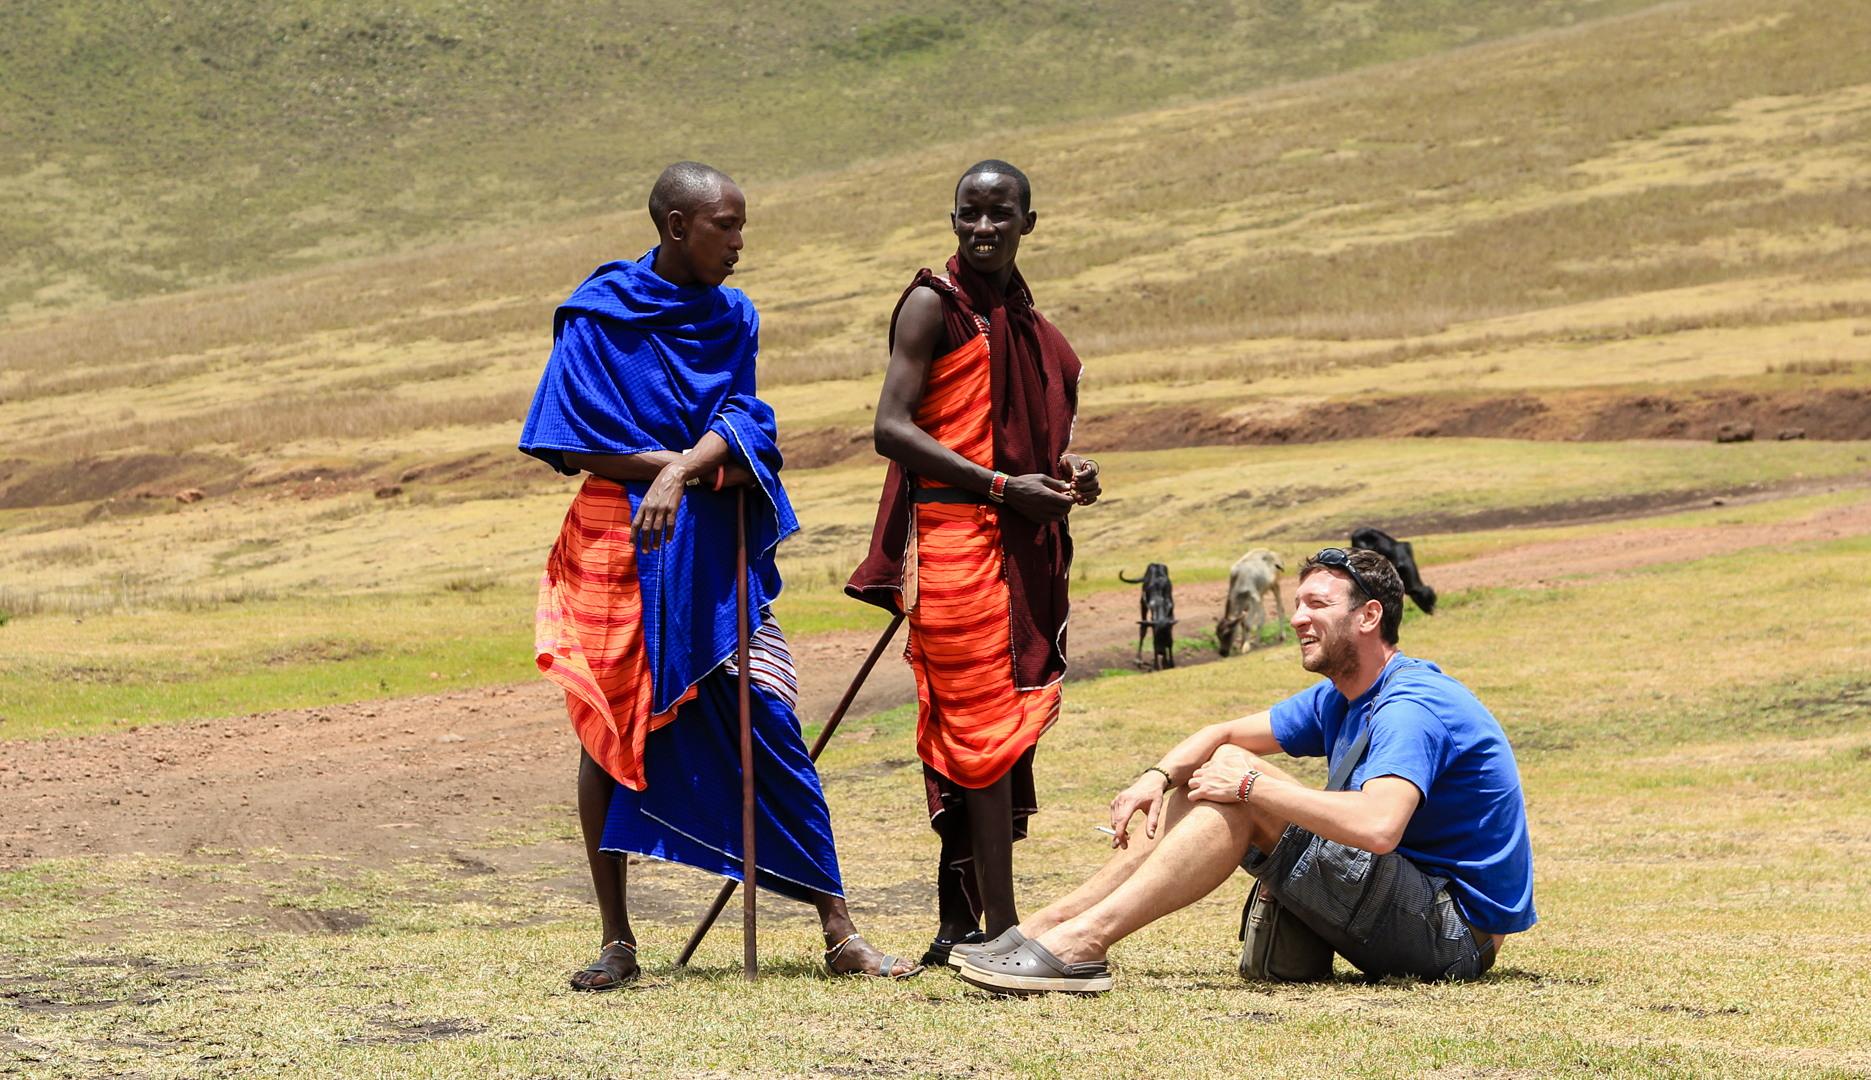 Масаи, Нгоронгоро